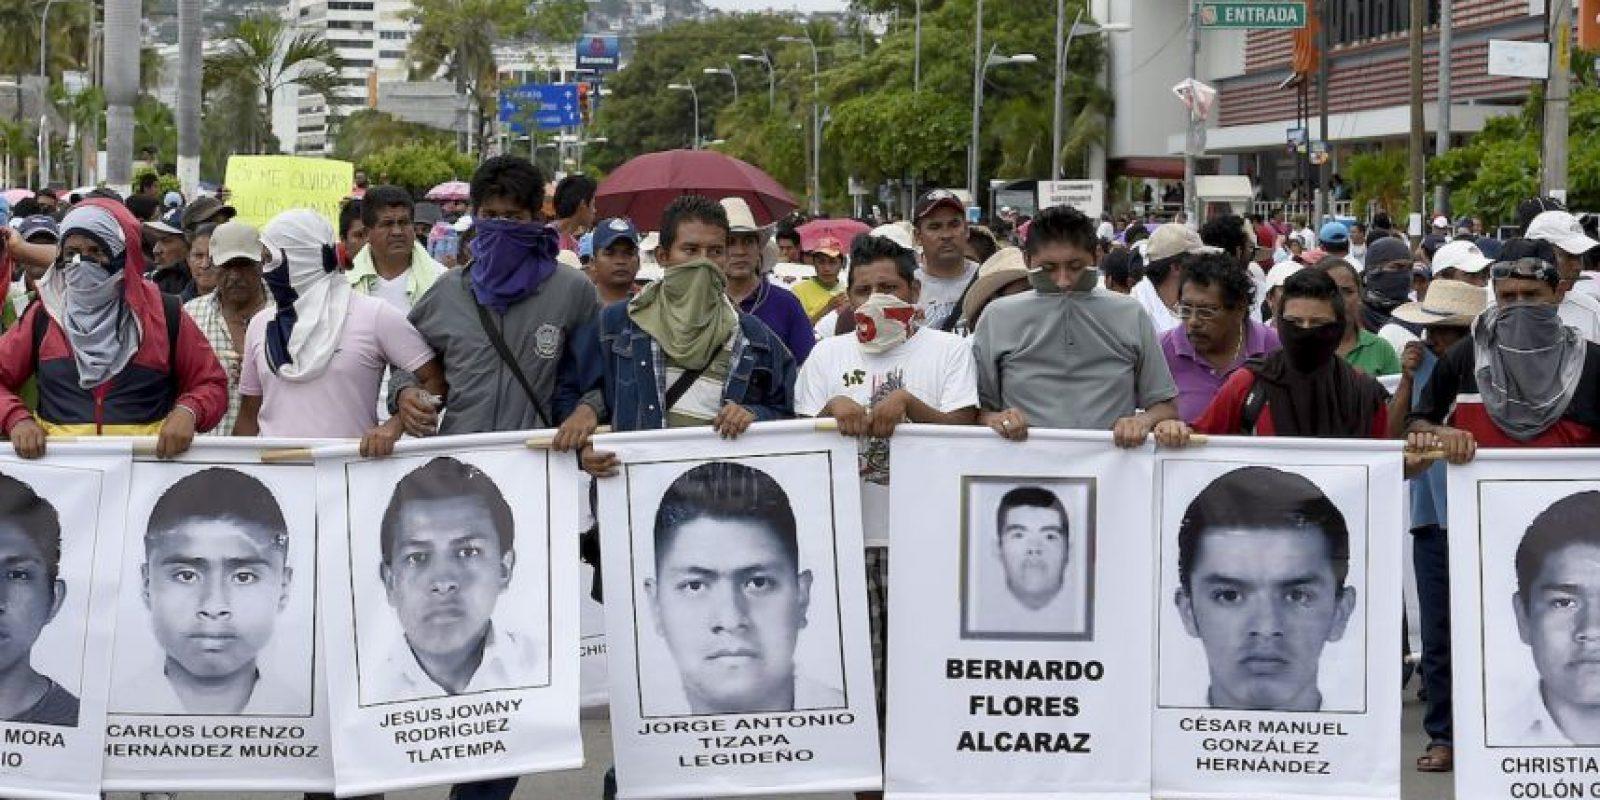 Esto ha causado que revelen otros problemas del estado de Guerrero, como la extrema pobreza, desigualdad y corrupción. Foto:AFP